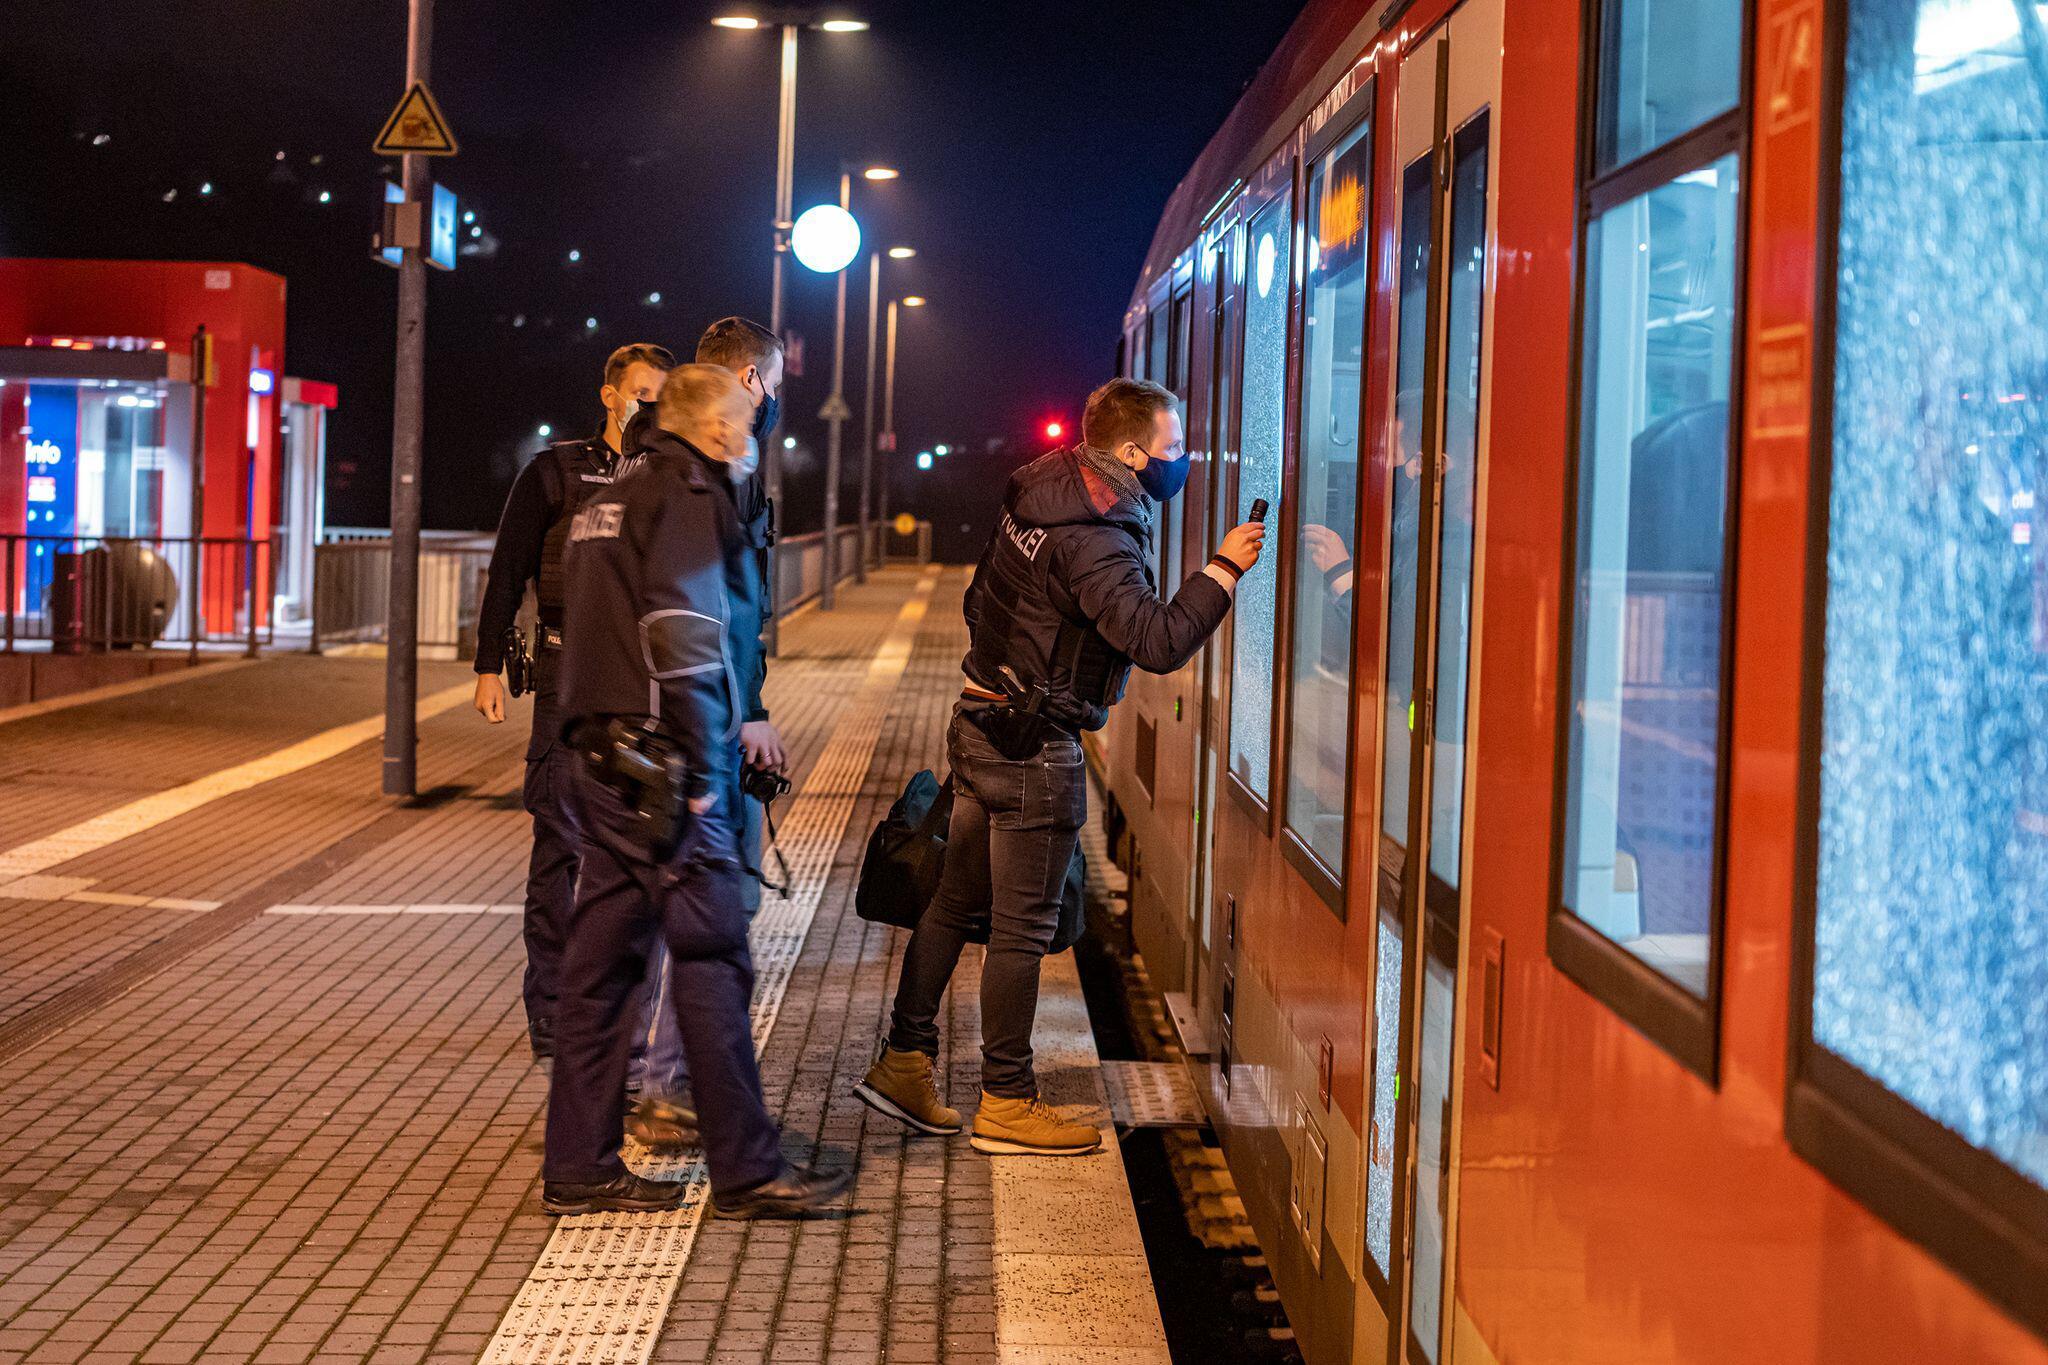 Bild zu Auf Zug geschossen - Keine Verletzten